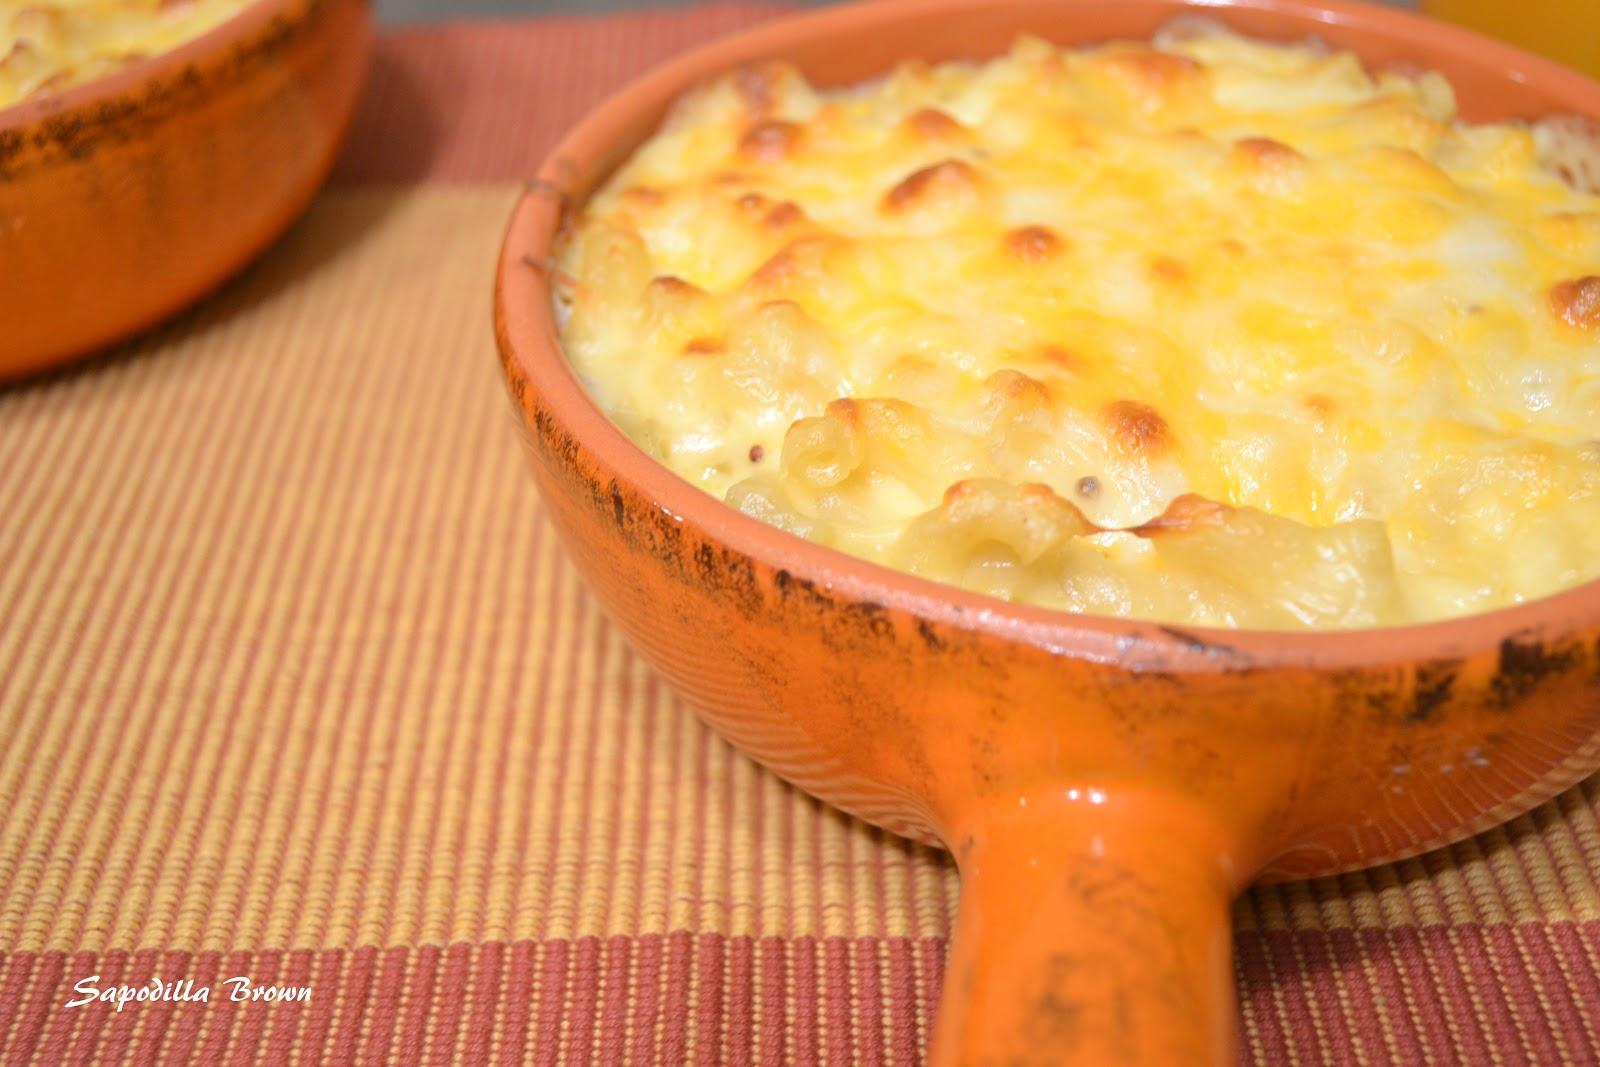 Sapodilla Brown: Mac and Cheese or Macaroni Pie